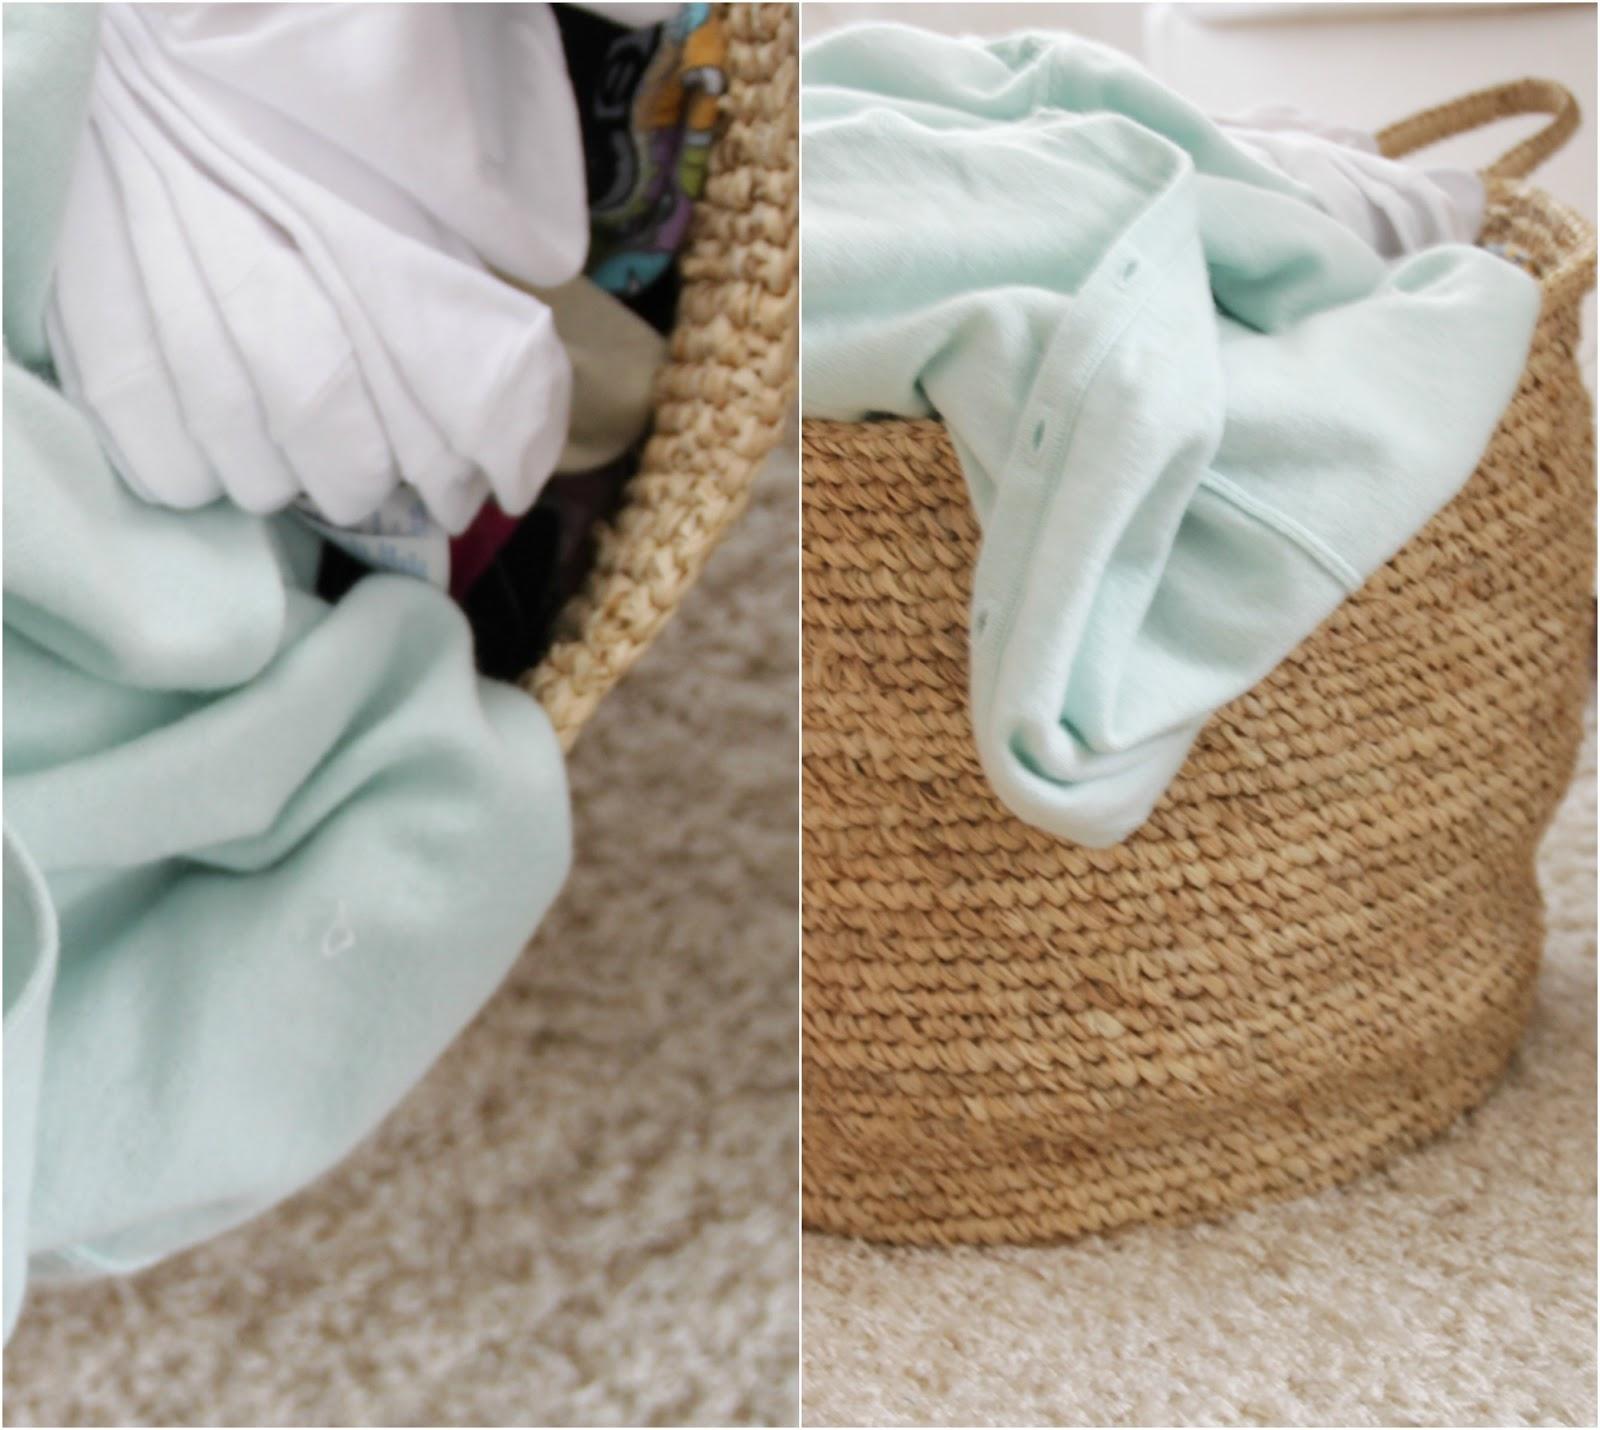 Bim Wäschesortieren: Für jede Person einen Wäschekorb einplanen